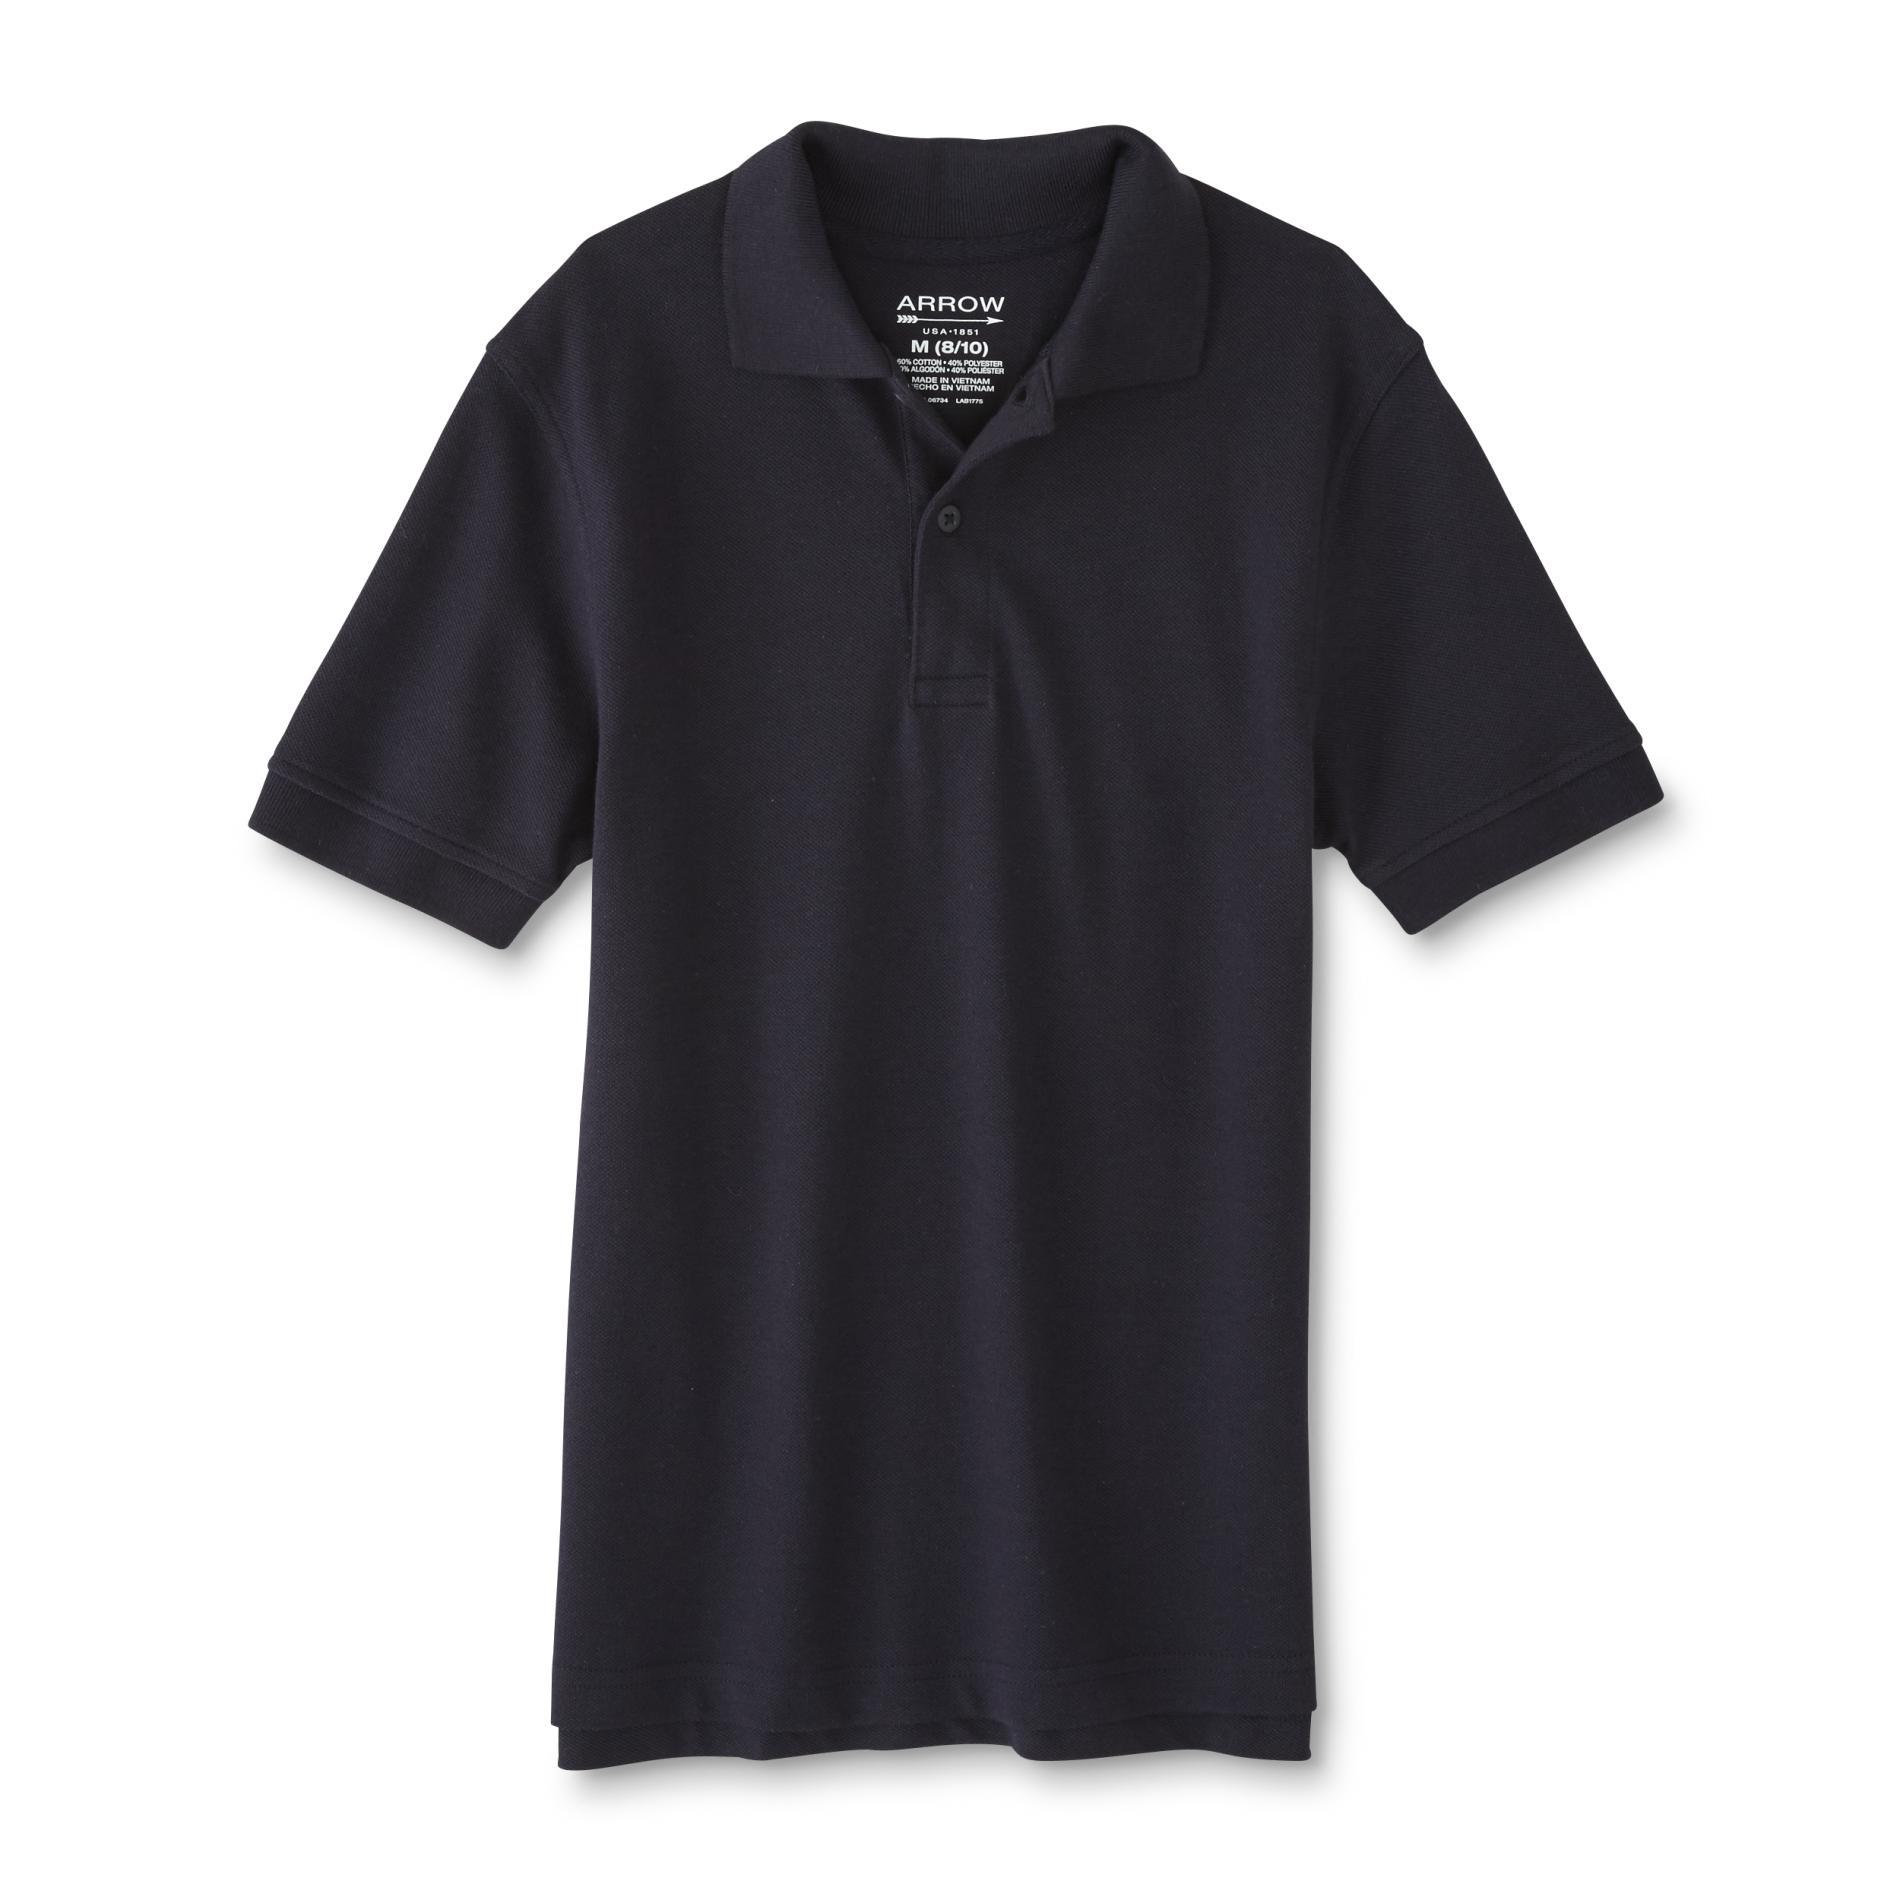 Arrow Boys' Polo Shirt, Size: Small, White im test